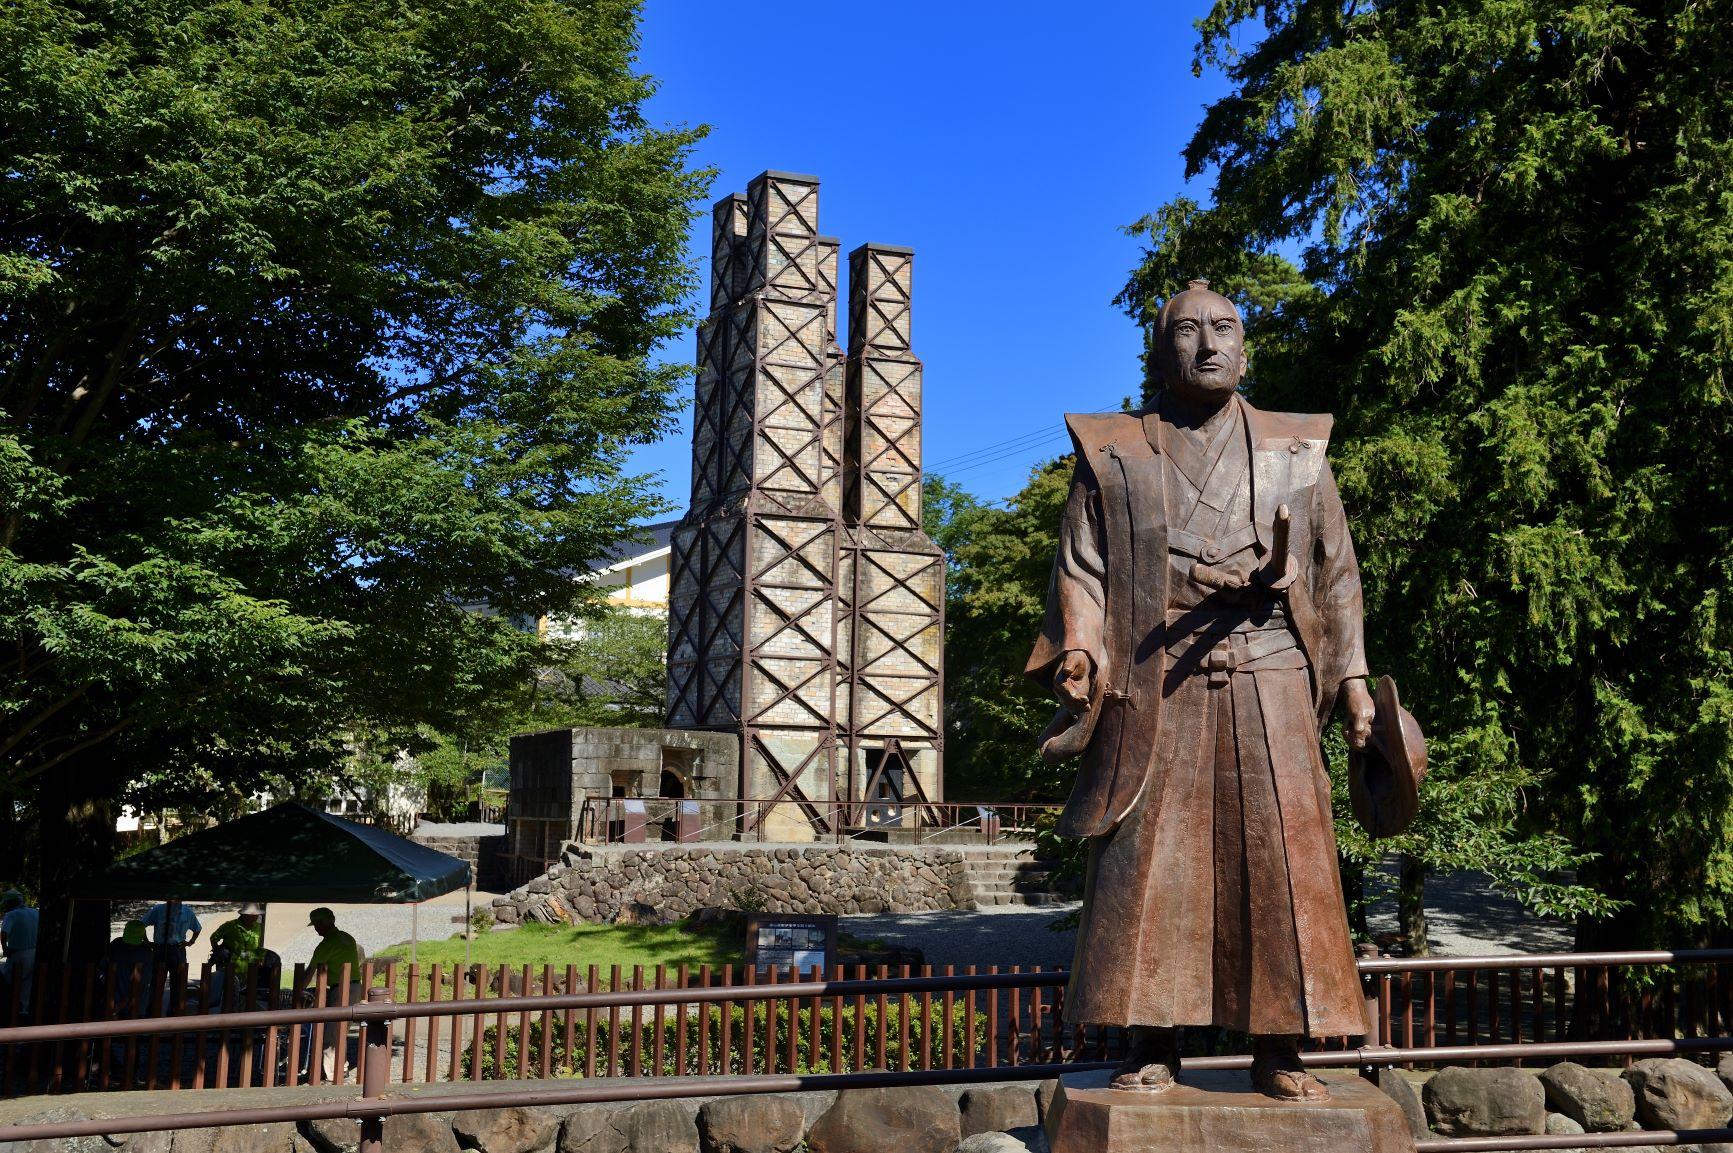 韮山反射炉は明治日本の産業遺産として世界遺産として登録されています